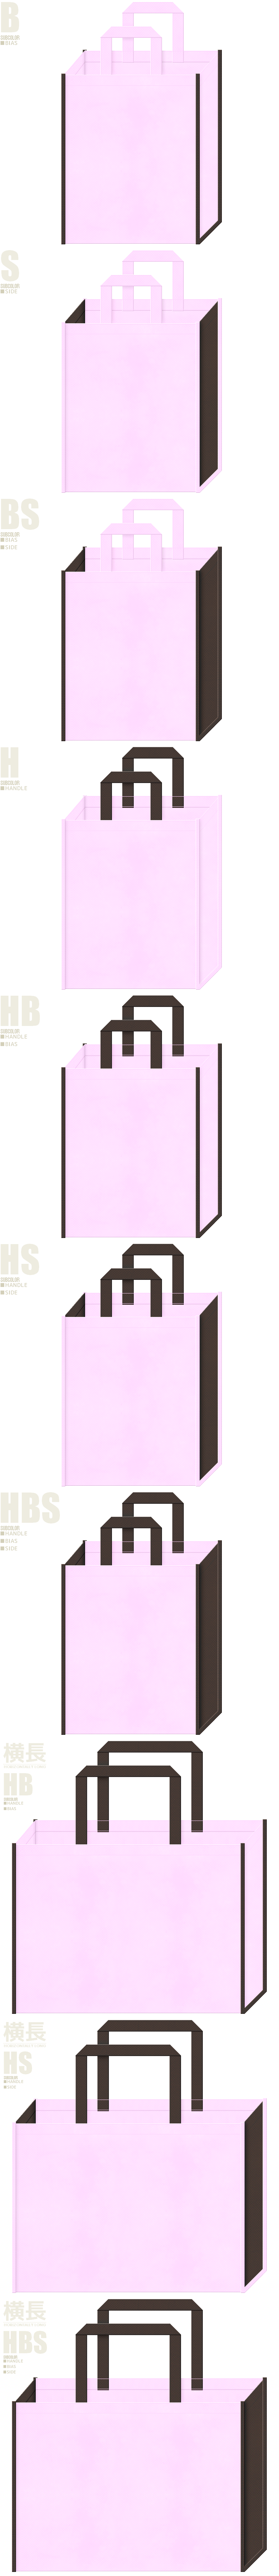 明るめのピンク色とこげ茶色、7パターンの不織布トートバッグ配色デザイン例。女子学校・オープンキャンパス用のバッグにお奨めです。